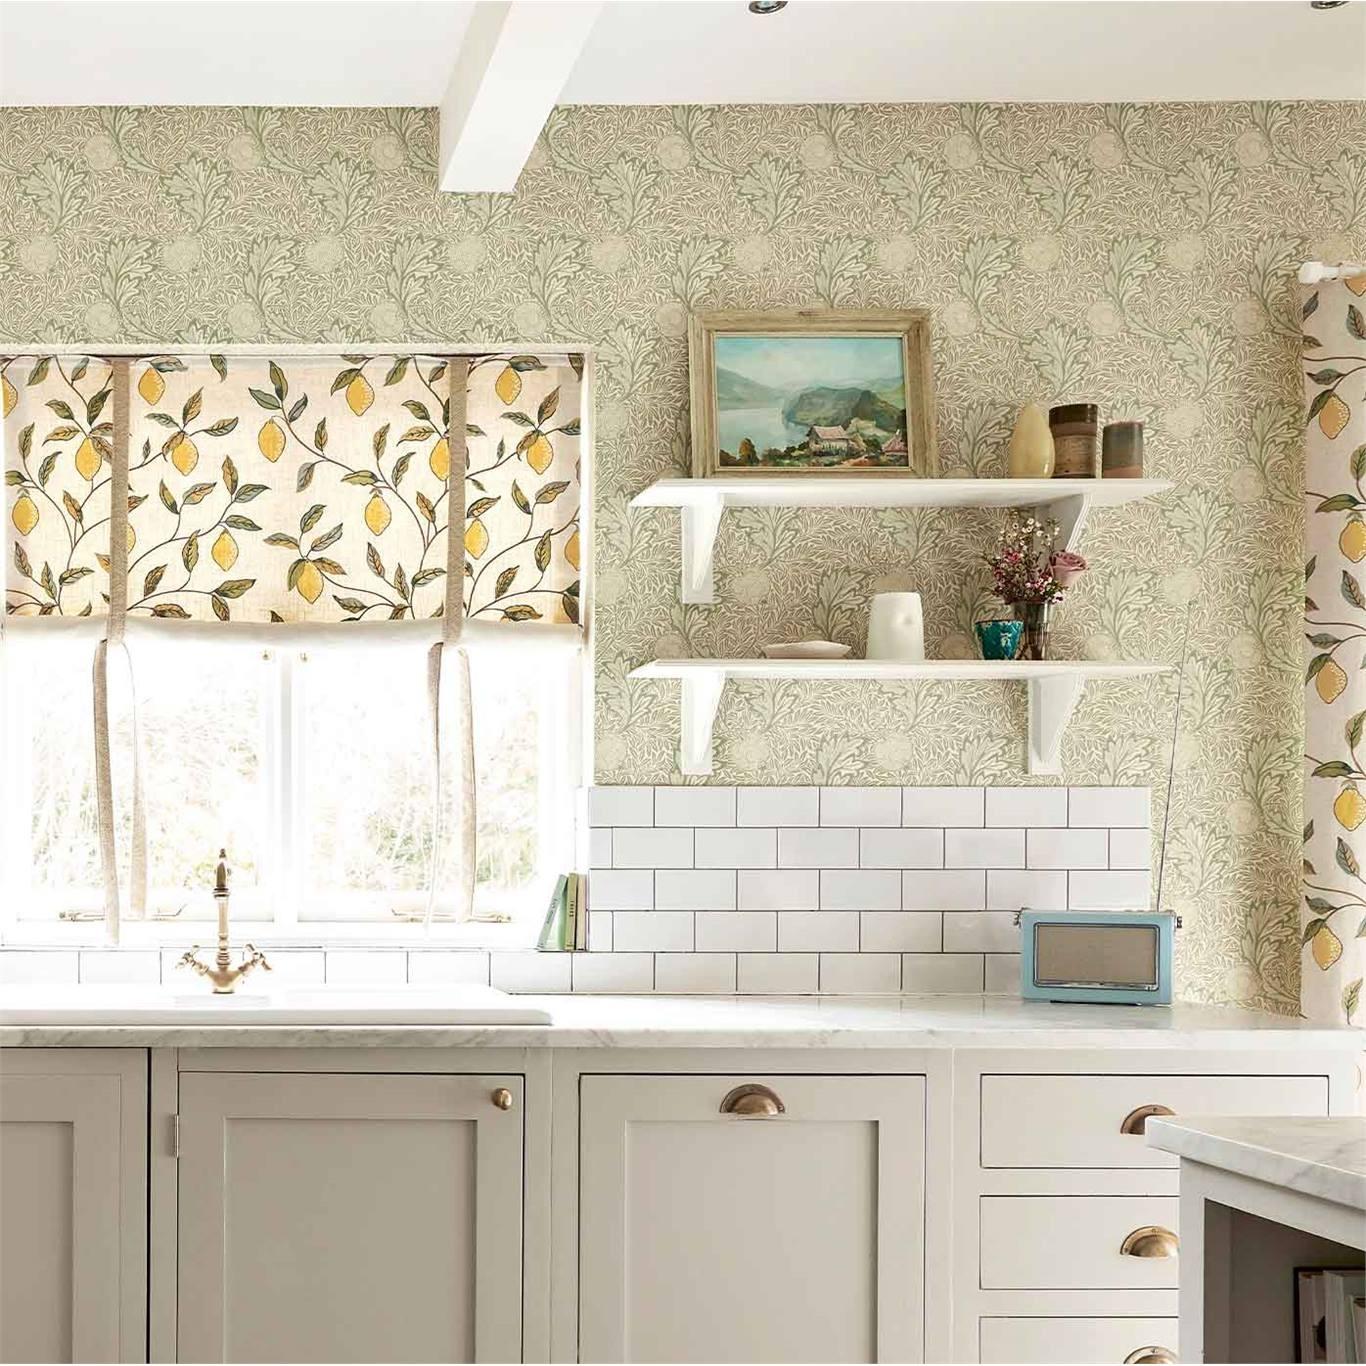 Morris & Co Apple Honey Gold Wallpaper 216691